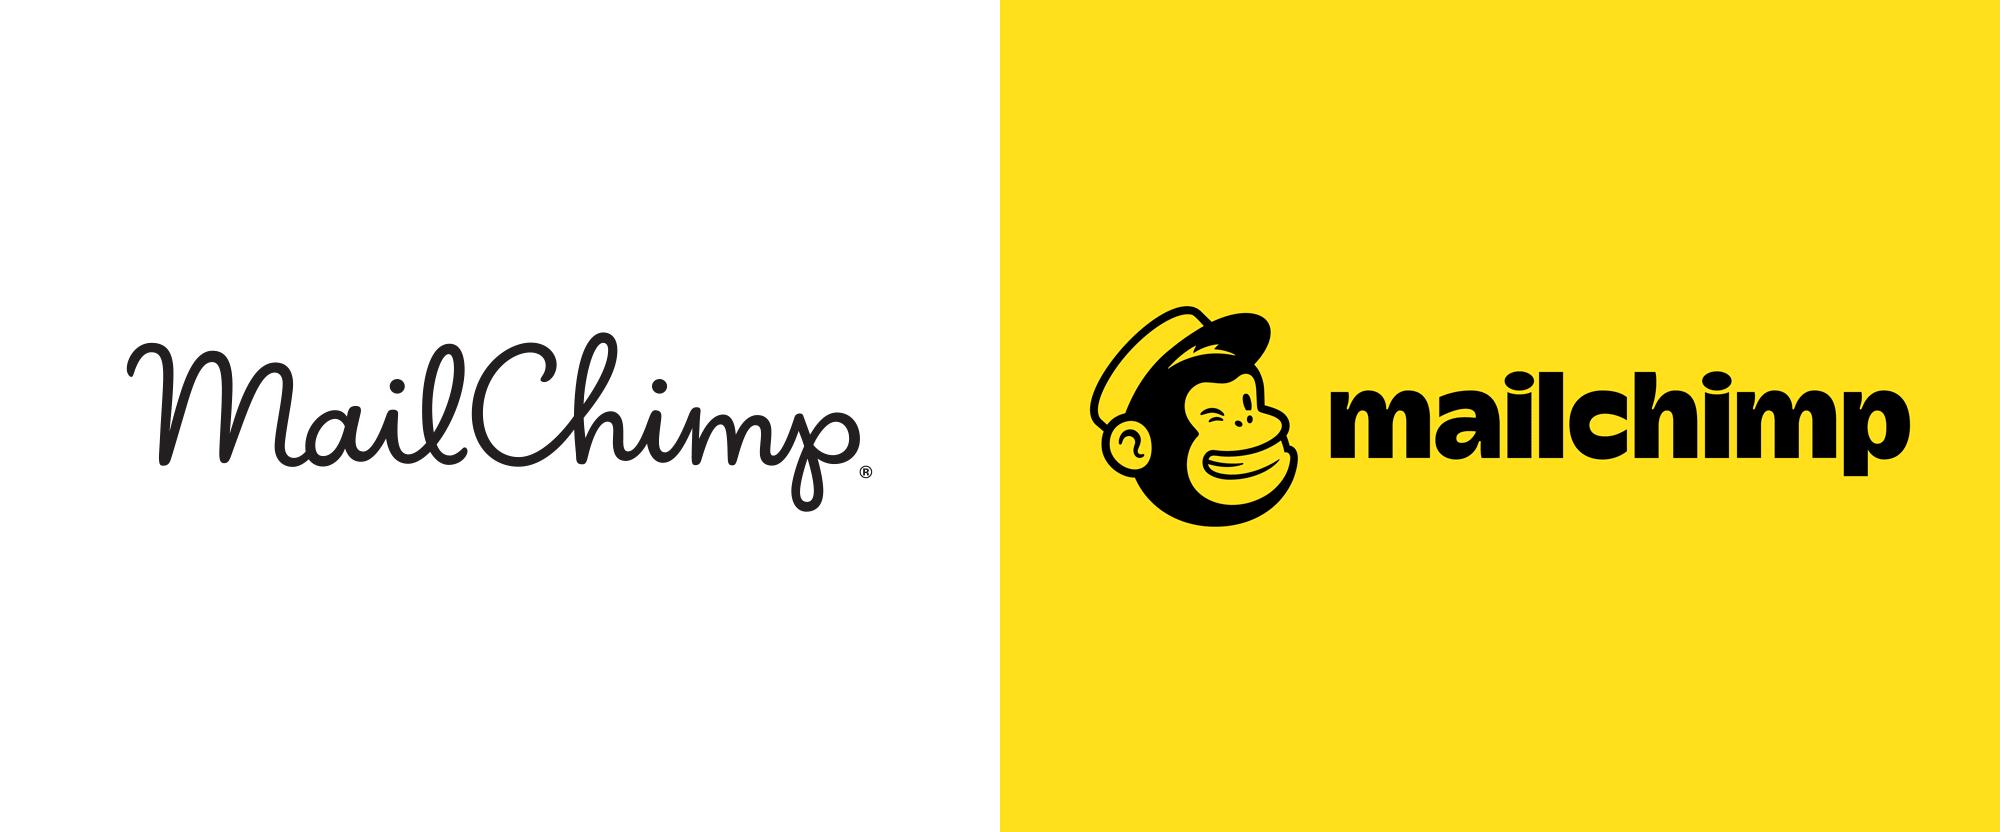 Mailchimp brand logo redesigned